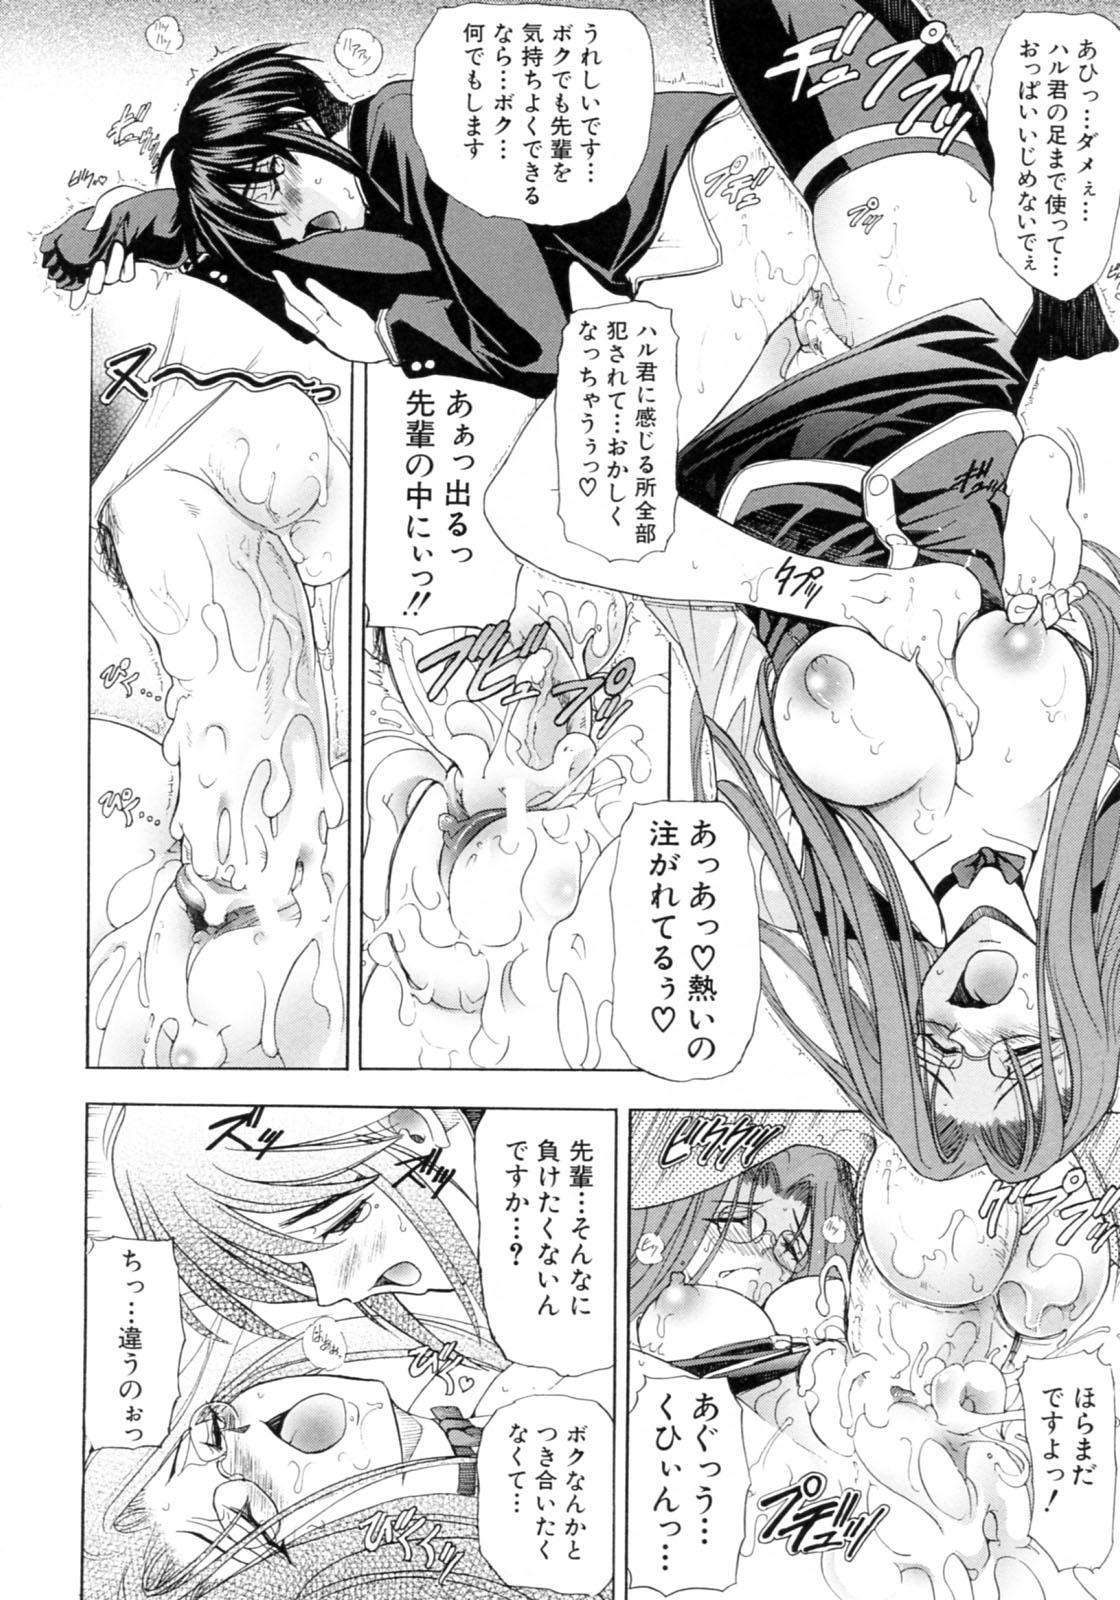 Kinsoku Shikou 153